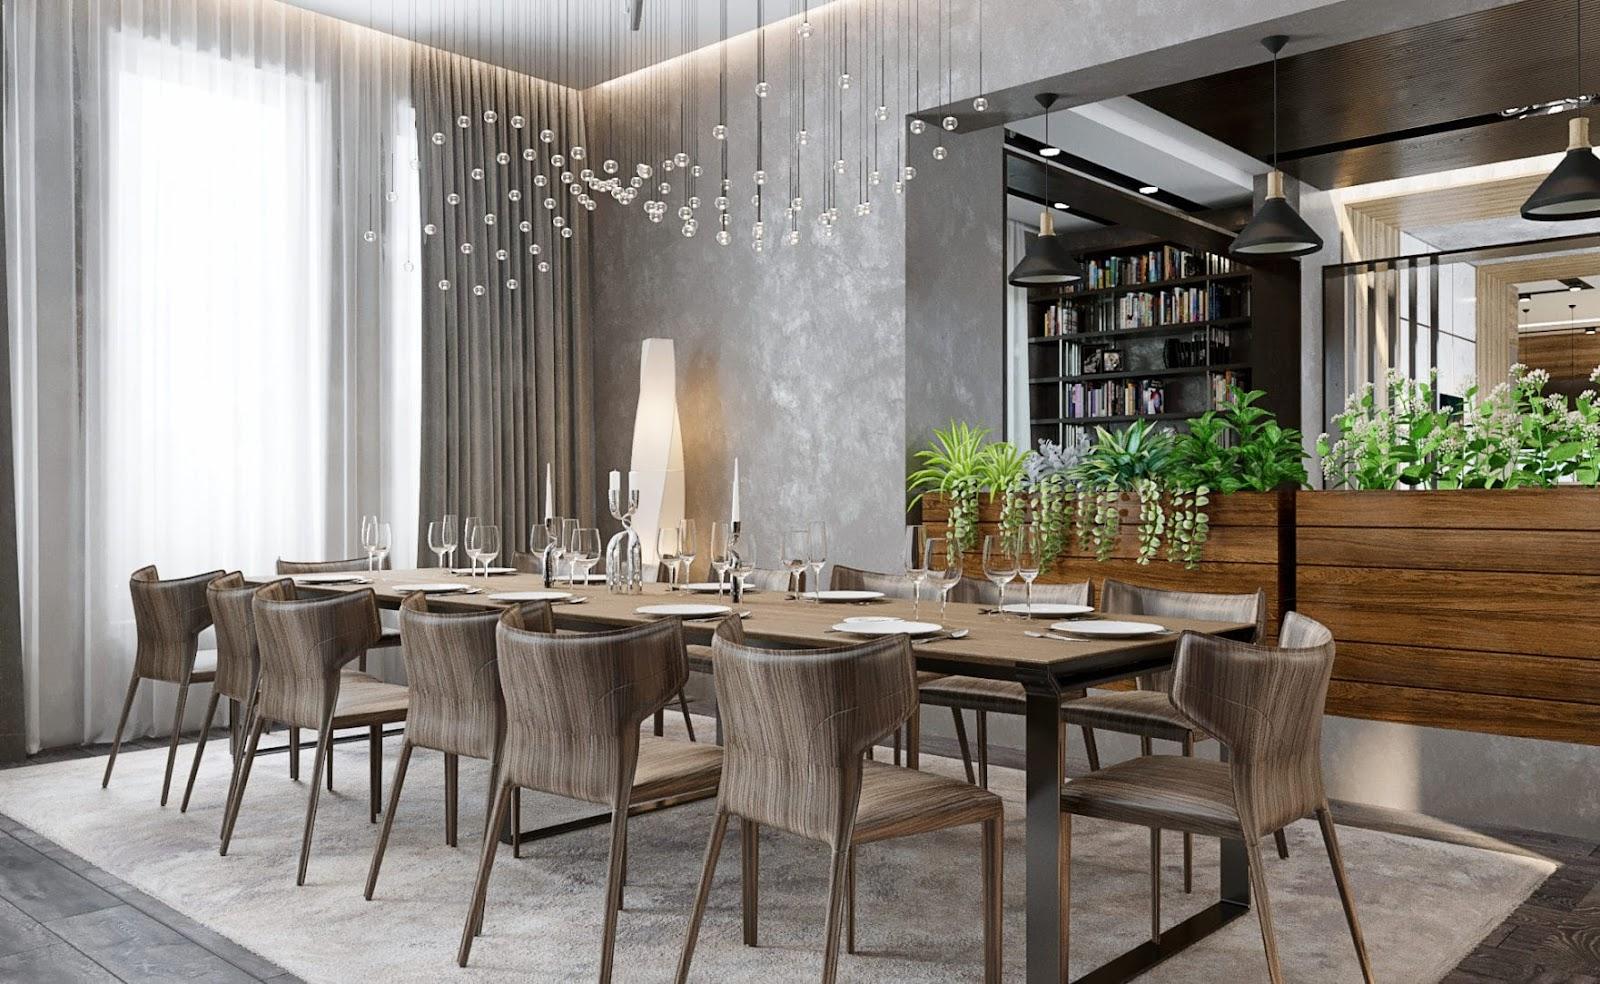 nội thất theo xu hướng cho phòng ăn